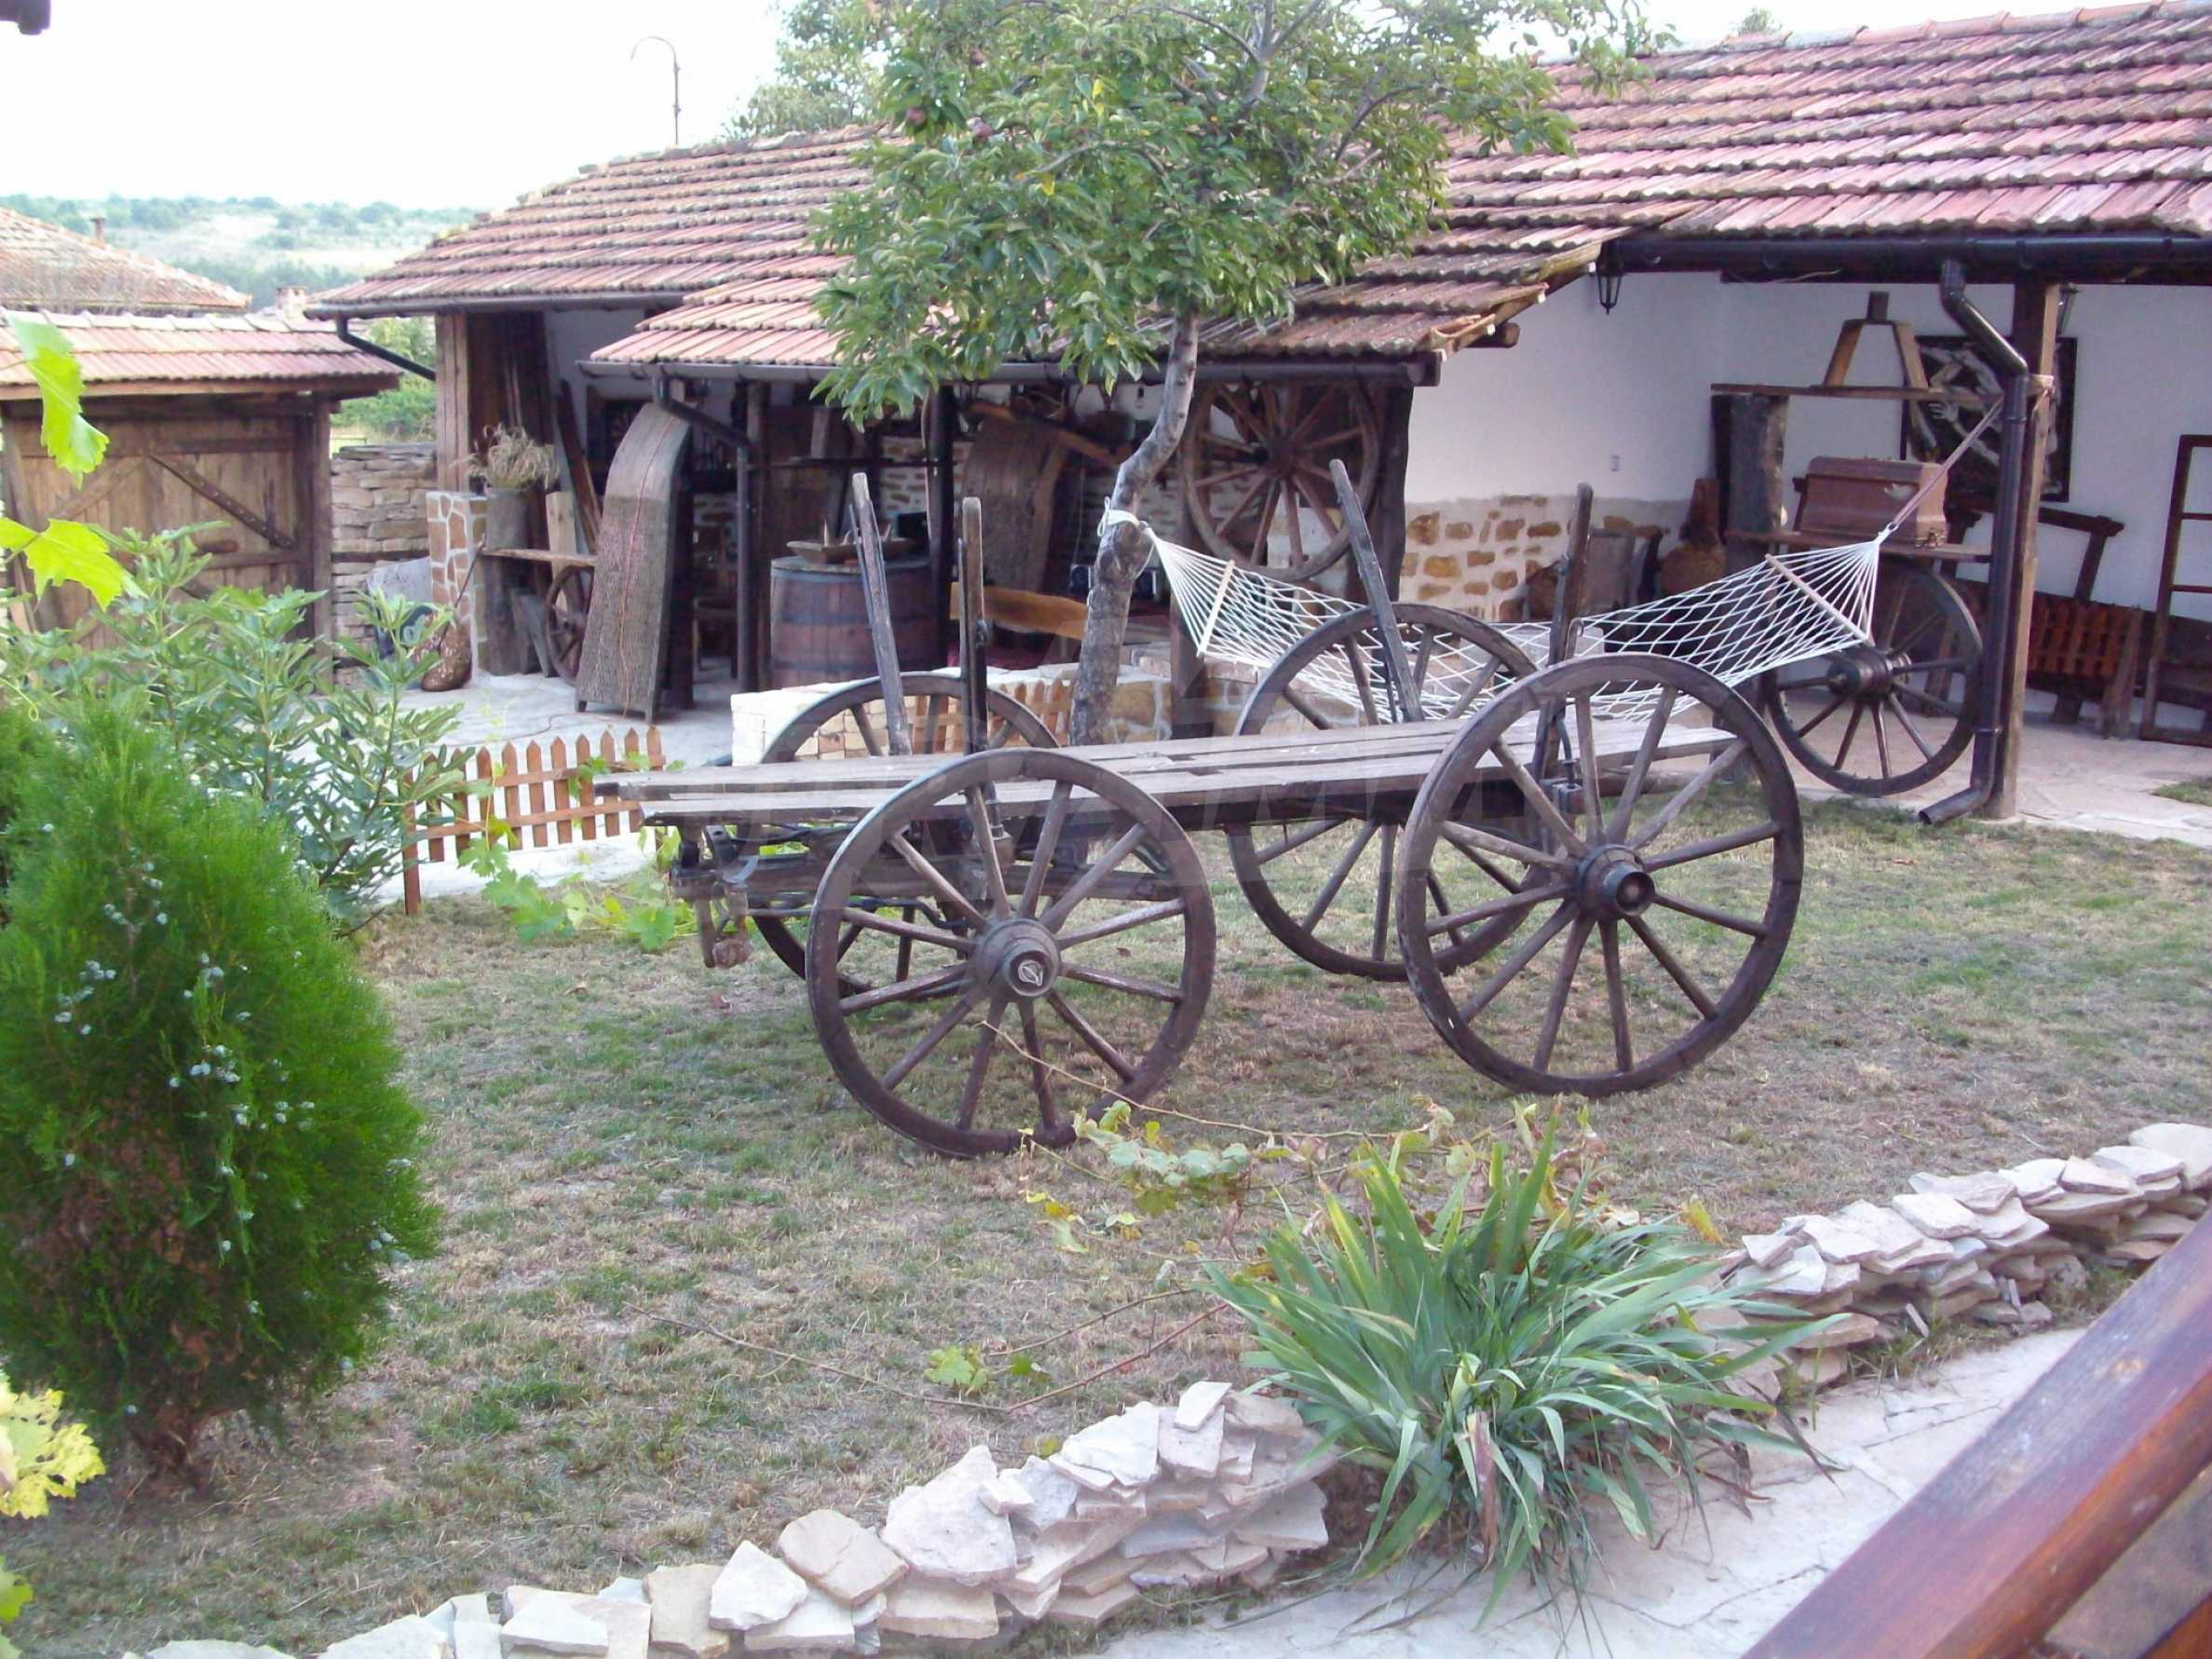 Vollständig möbliertes Anwesen im erhaltenen traditionellen bulgarischen Stil 25